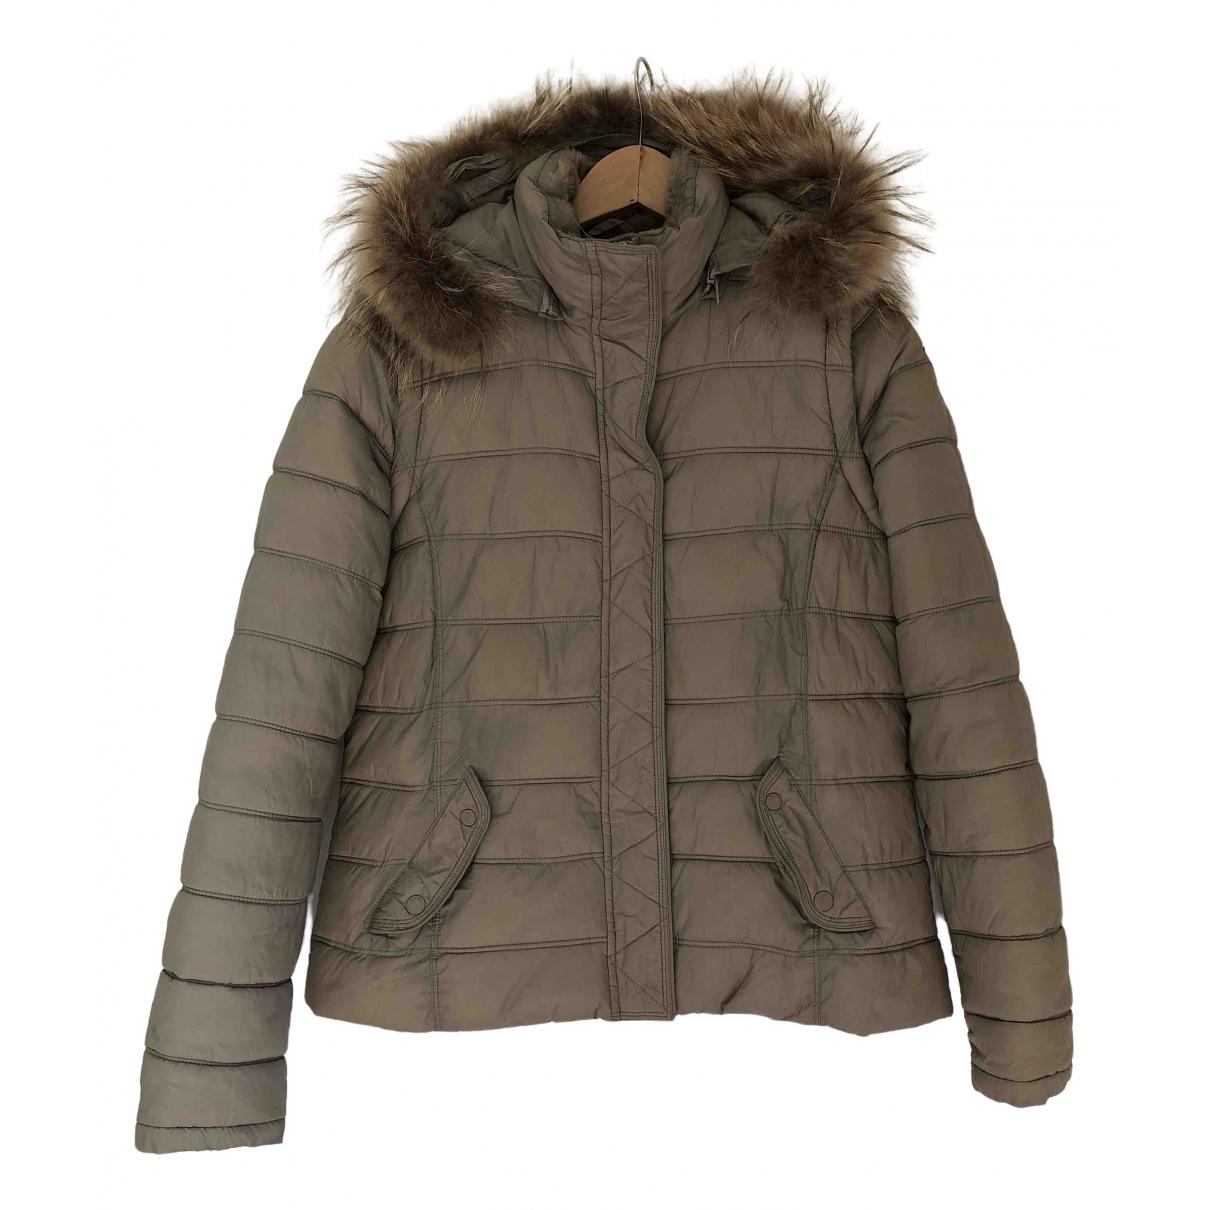 Sud Express \N Beige jacket for Women L International